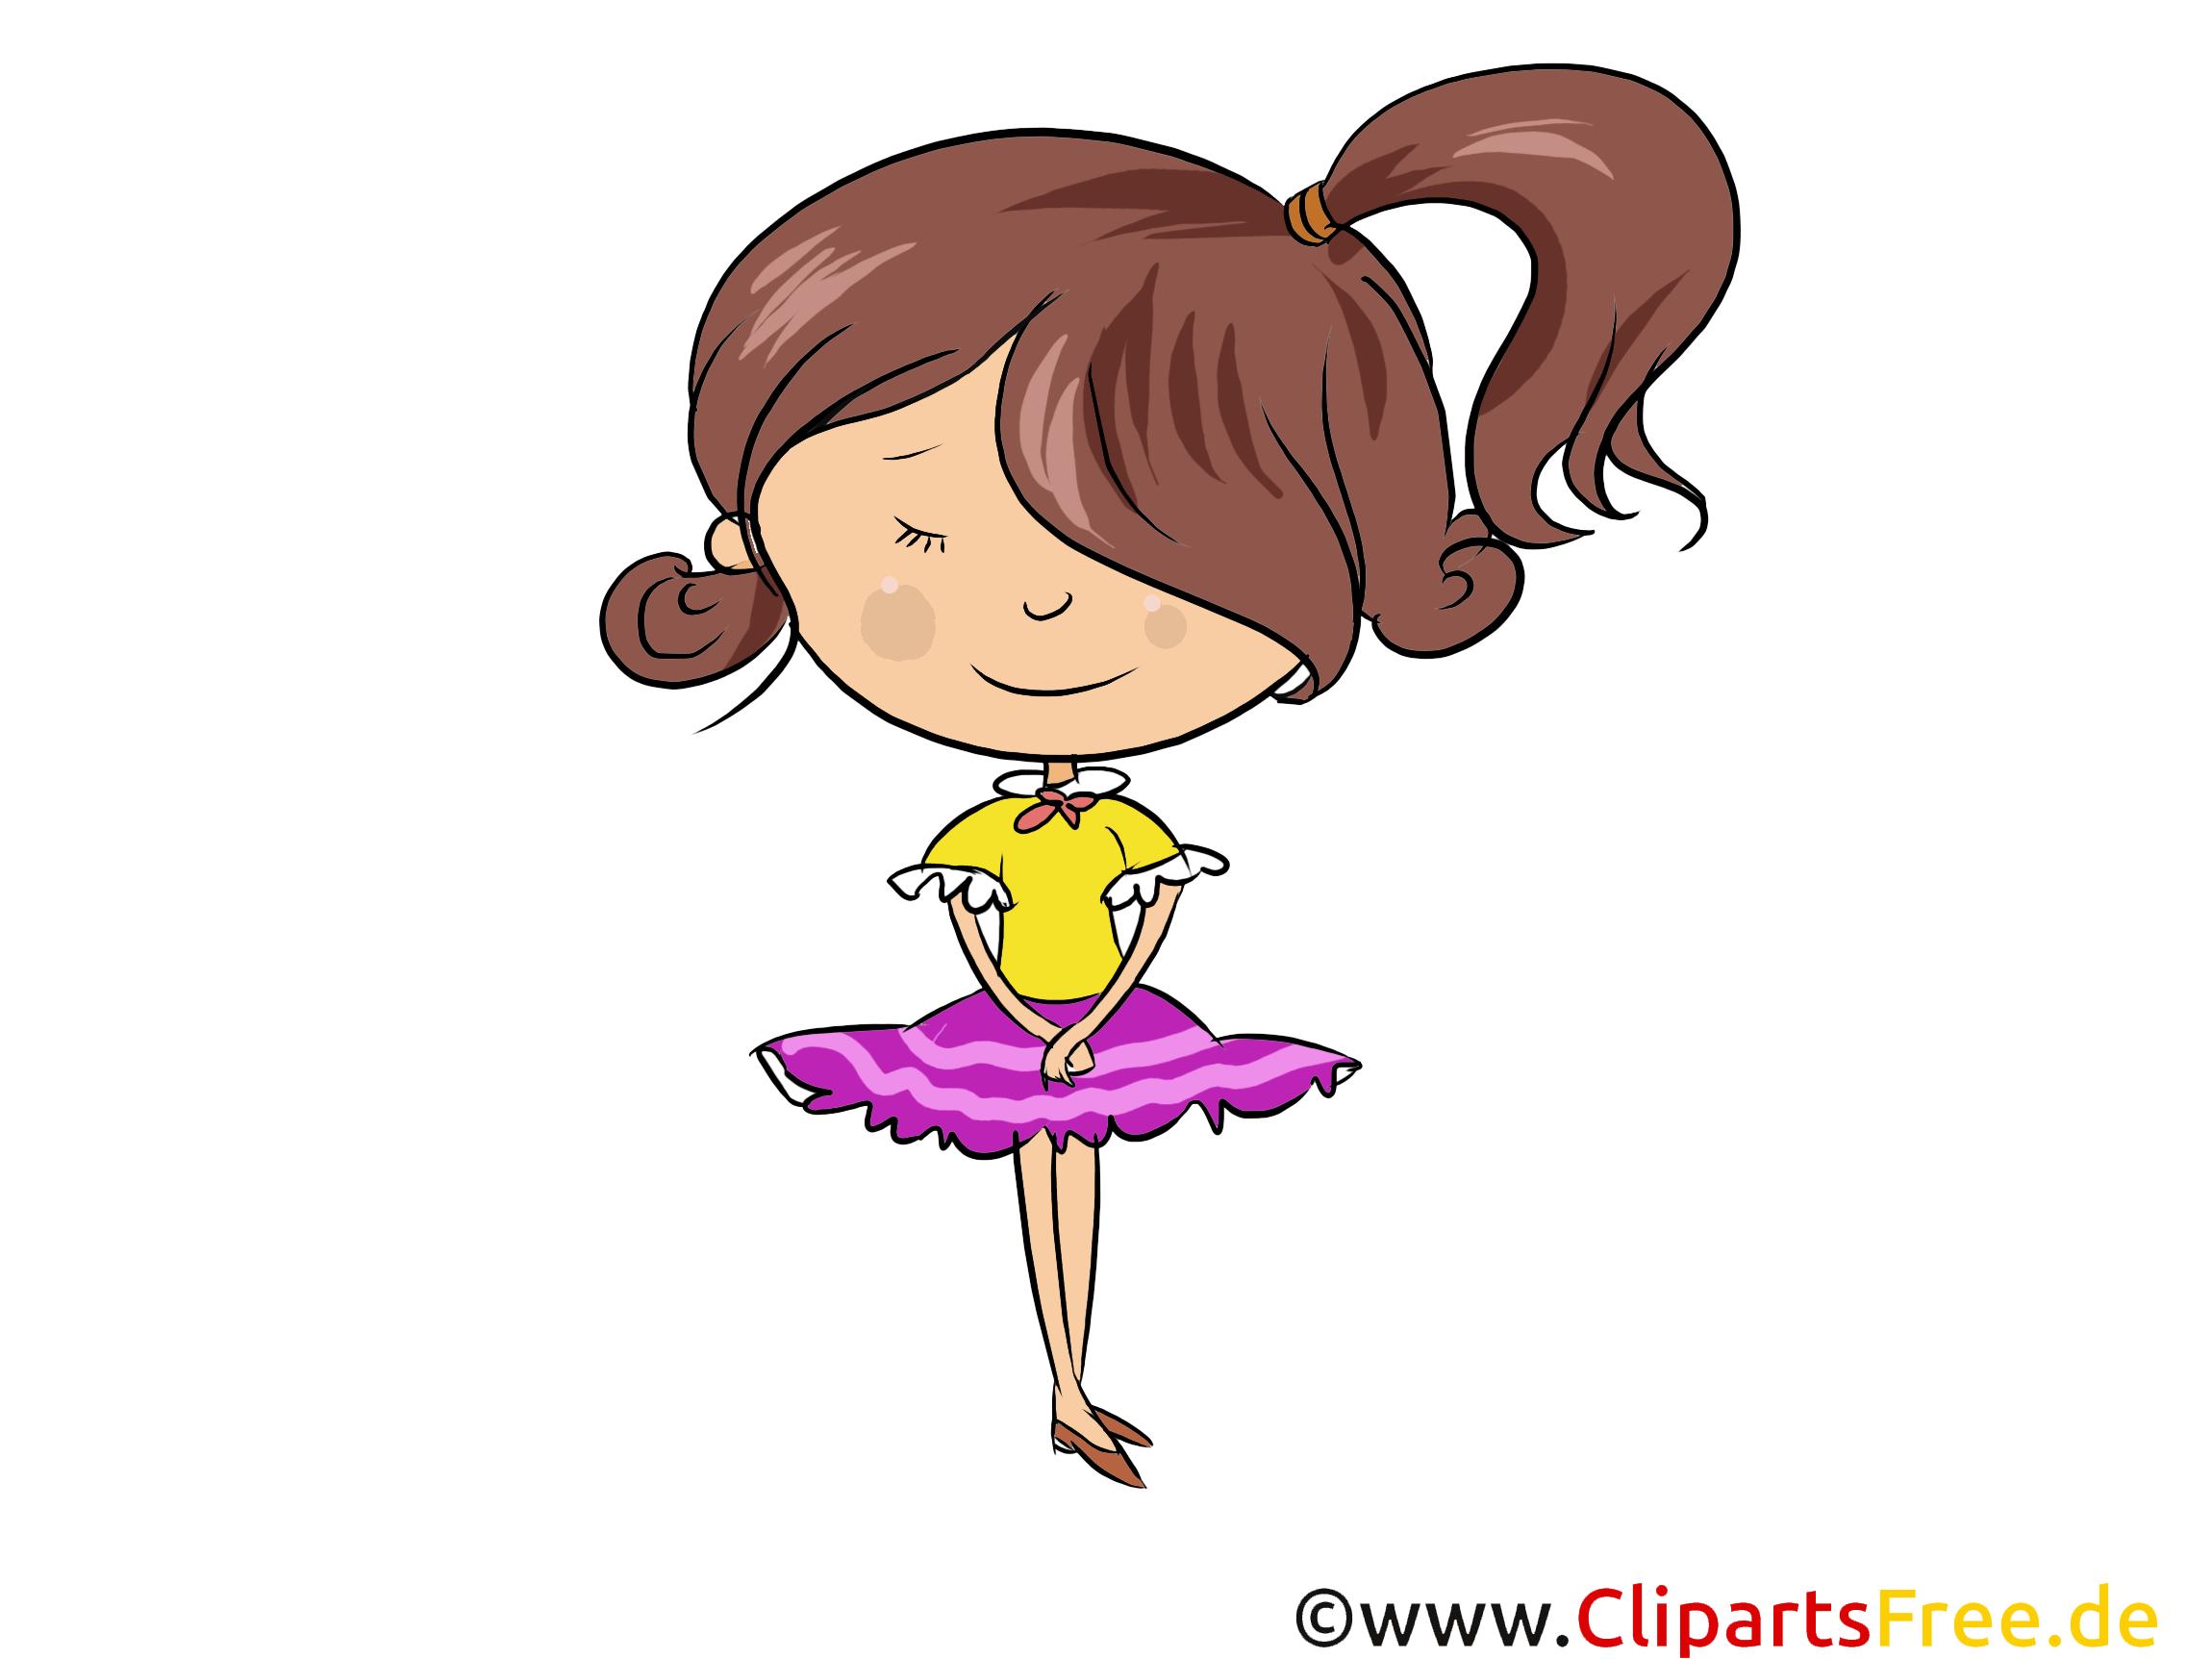 Mädchen im Kleid - Kinder Cliparts